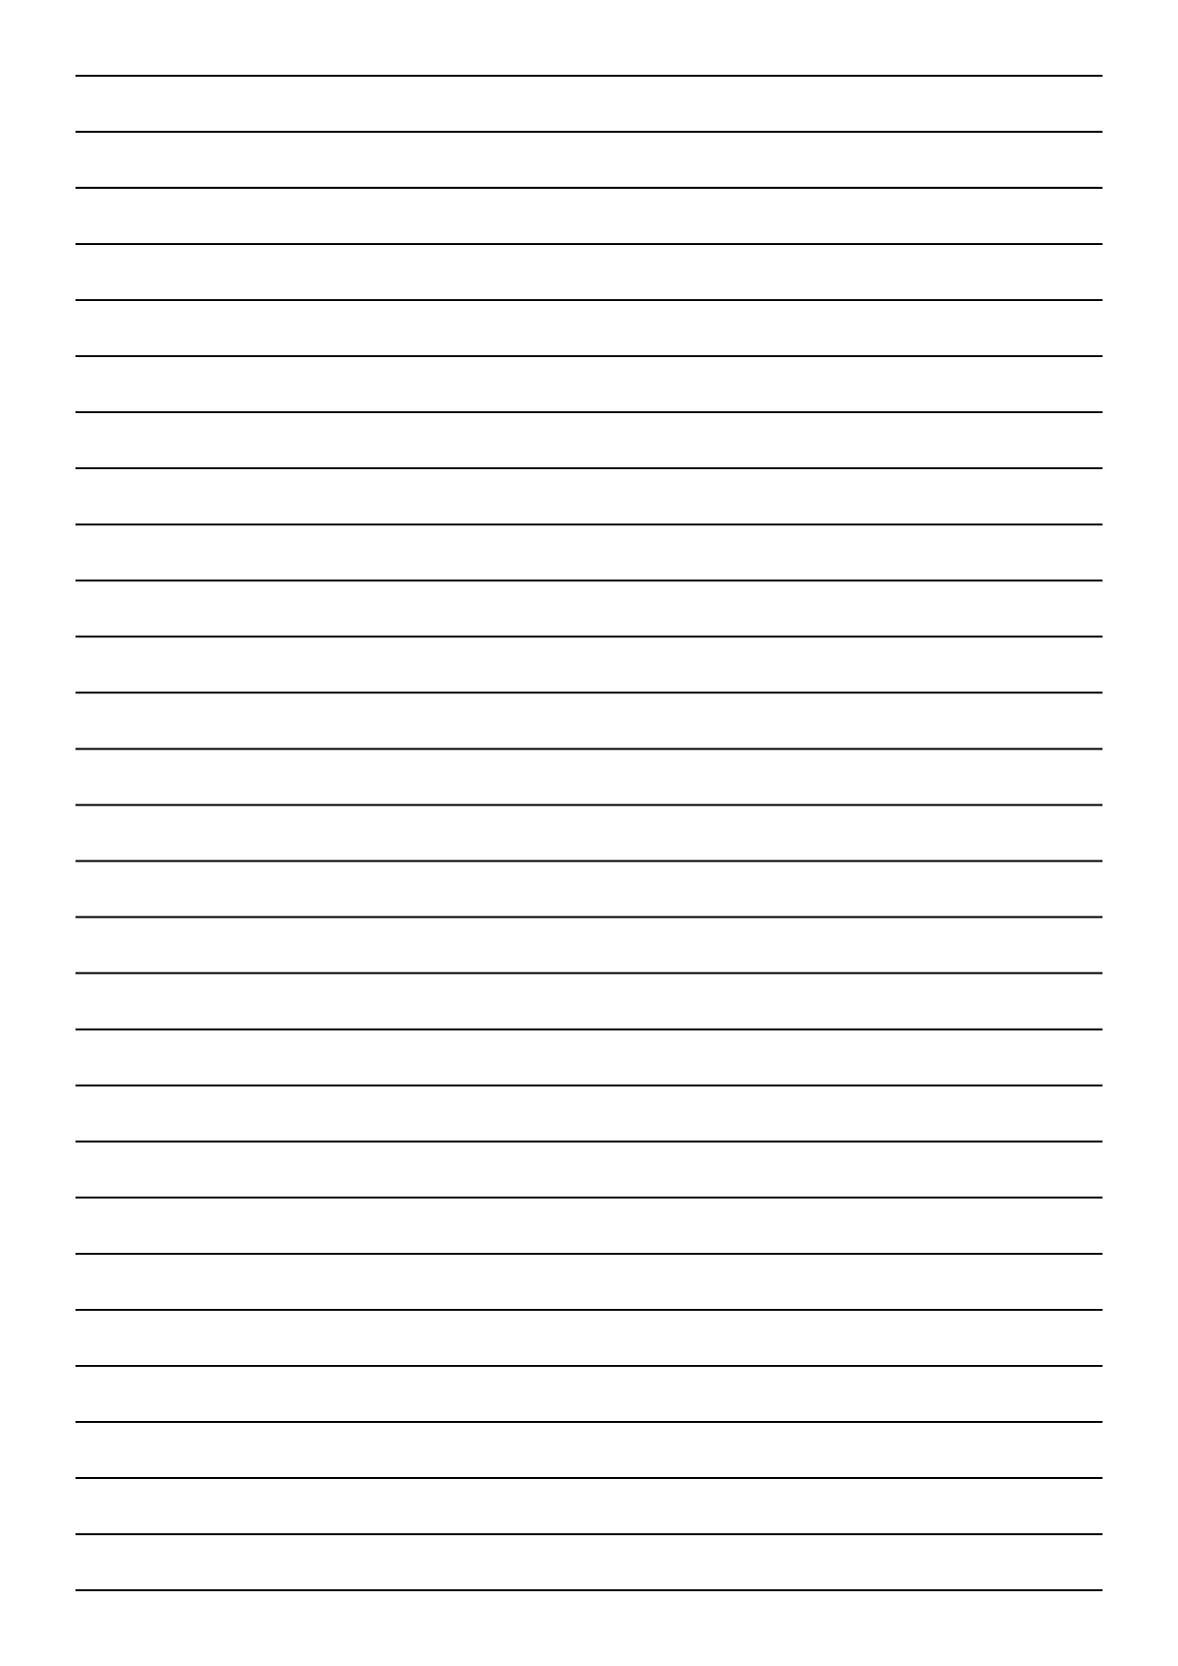 Kostenloses Briefpapier Mit Linien - Briefpapier-Vorlagen ganzes Briefpapier Drucken Kostenlos Ausdrucken